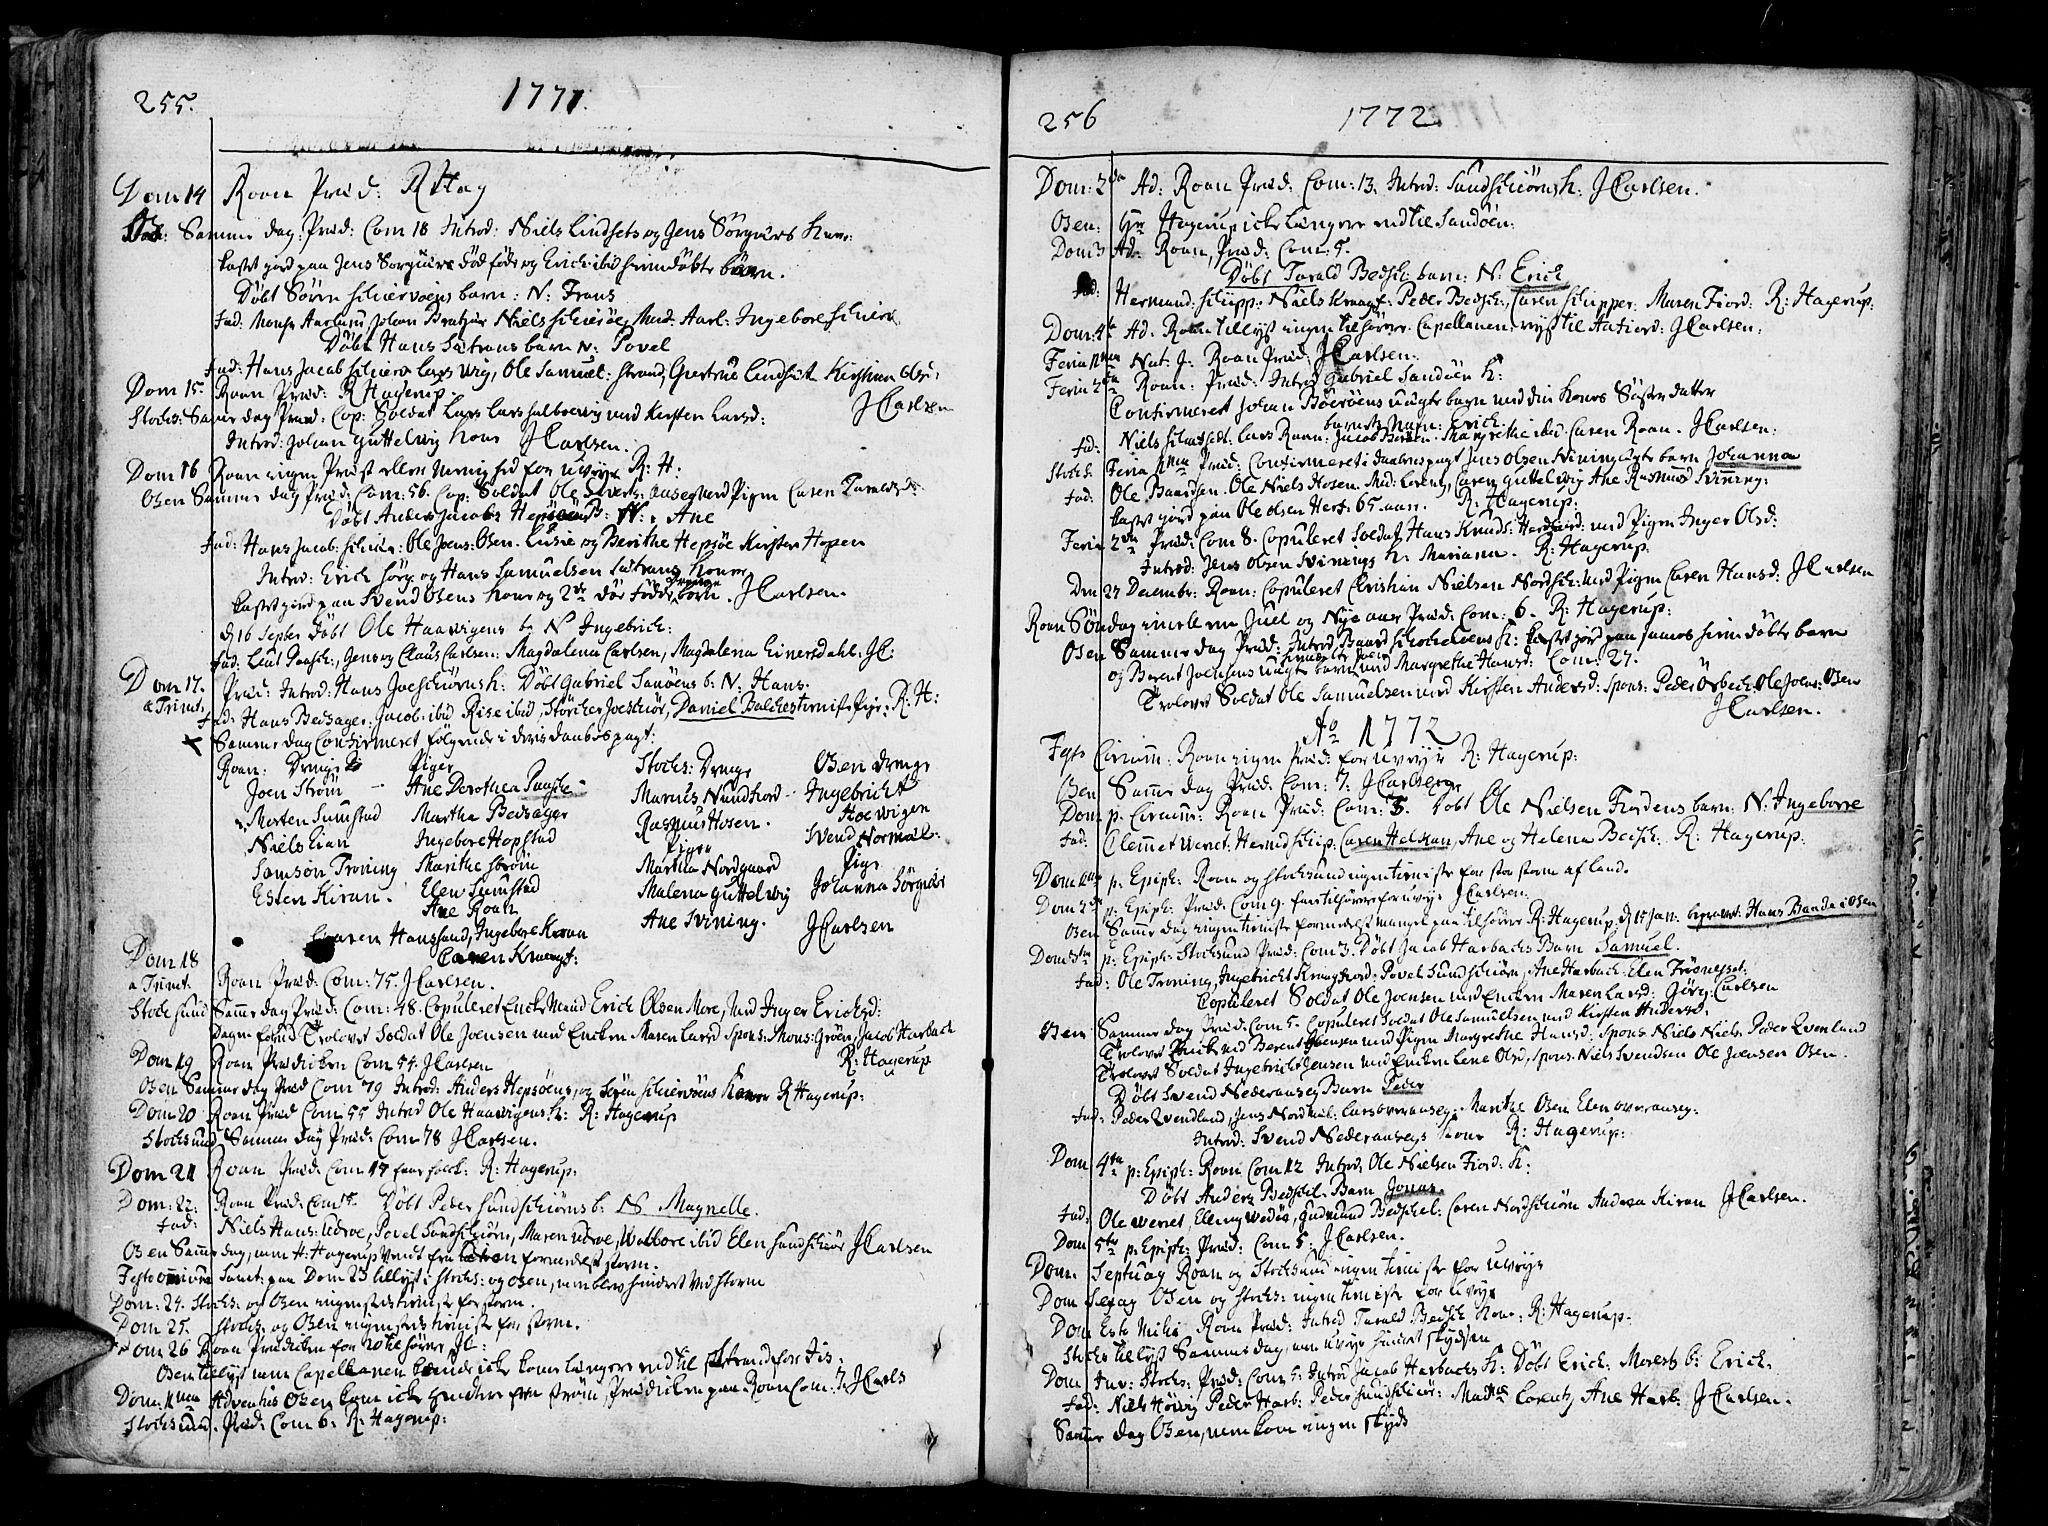 SAT, Ministerialprotokoller, klokkerbøker og fødselsregistre - Sør-Trøndelag, 657/L0700: Ministerialbok nr. 657A01, 1732-1801, s. 255-256